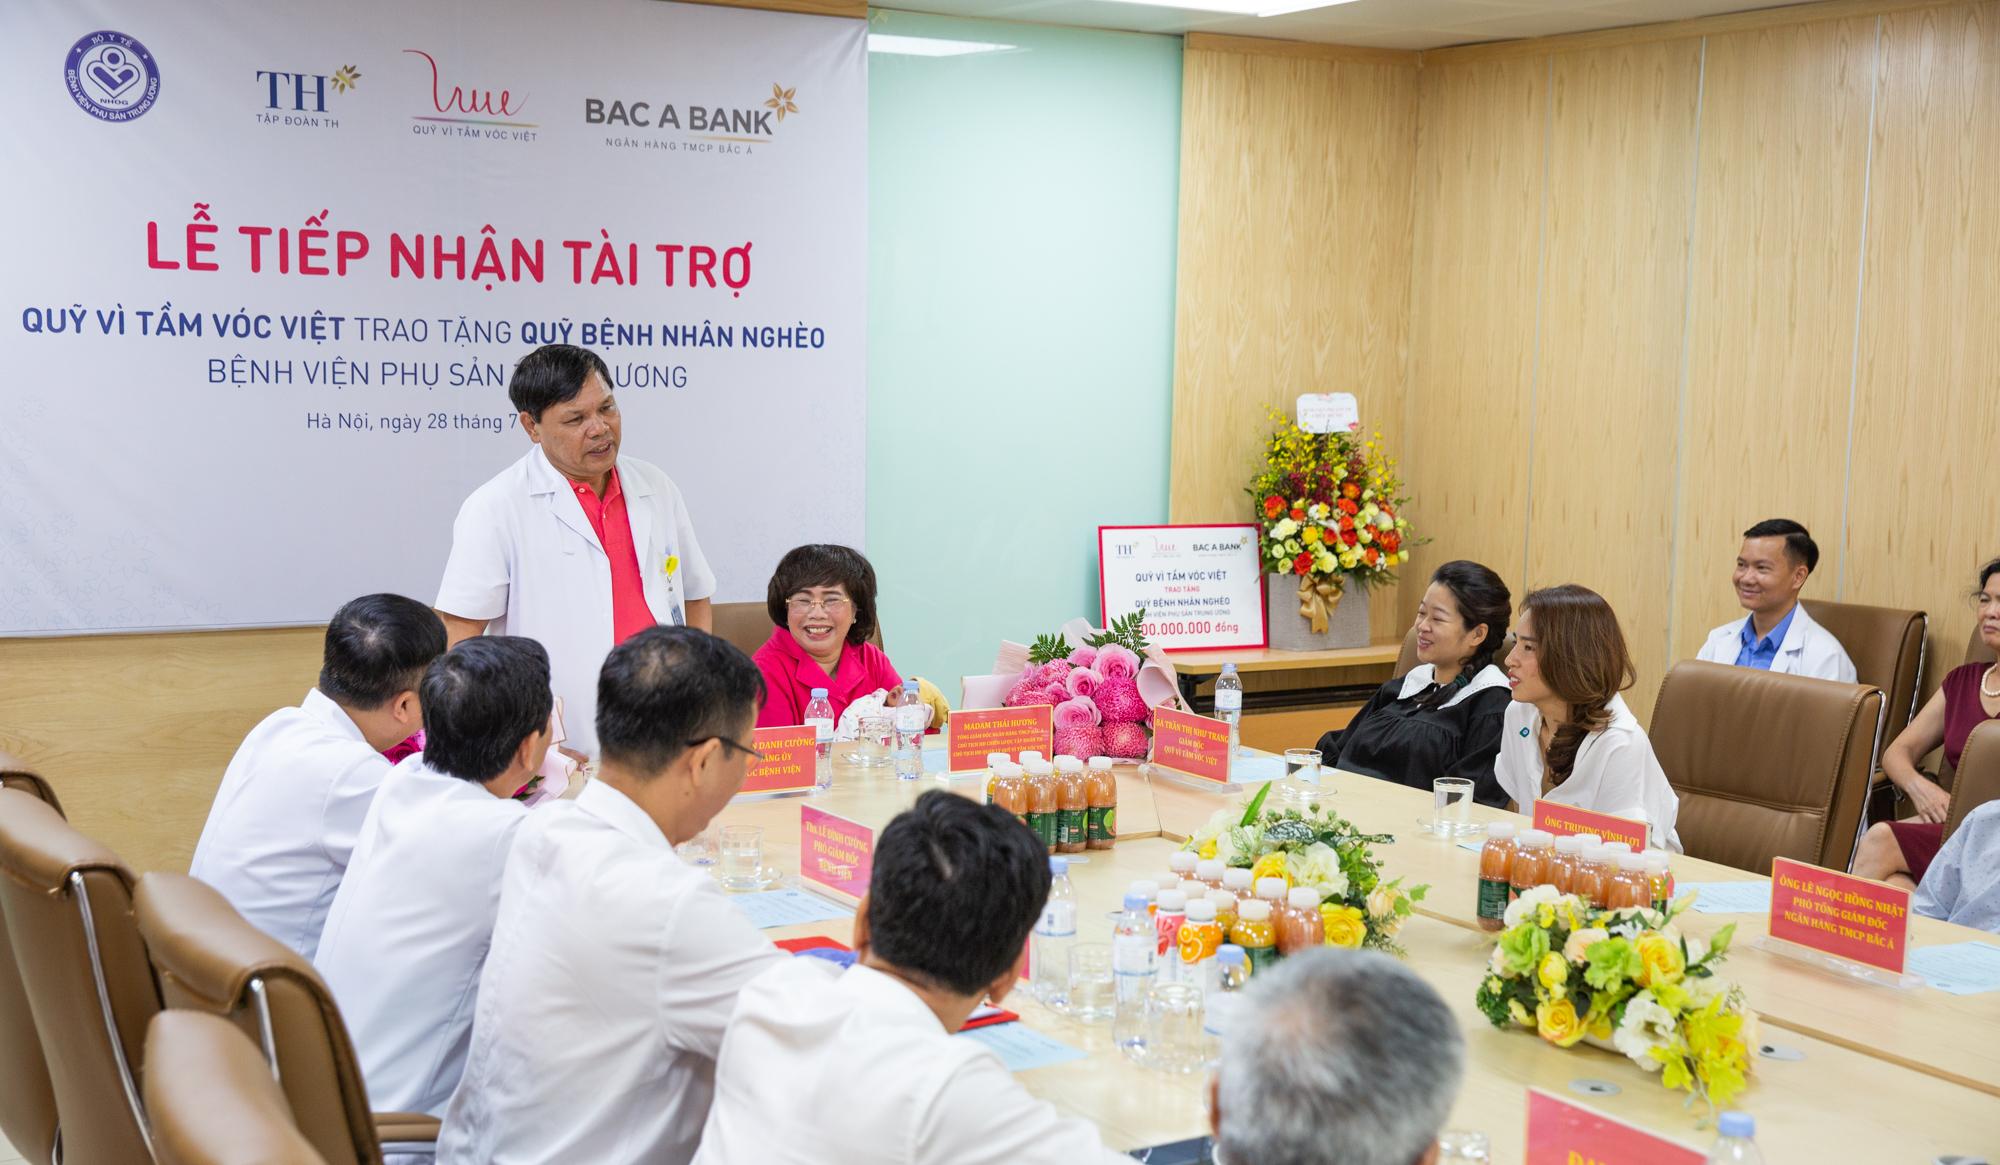 PGS. TS. Trần Danh Cường, Giám đốc Bệnh viện Phụ sản Trung ương phát biểu tại buổi Lễ tiếp nhận tài trợ